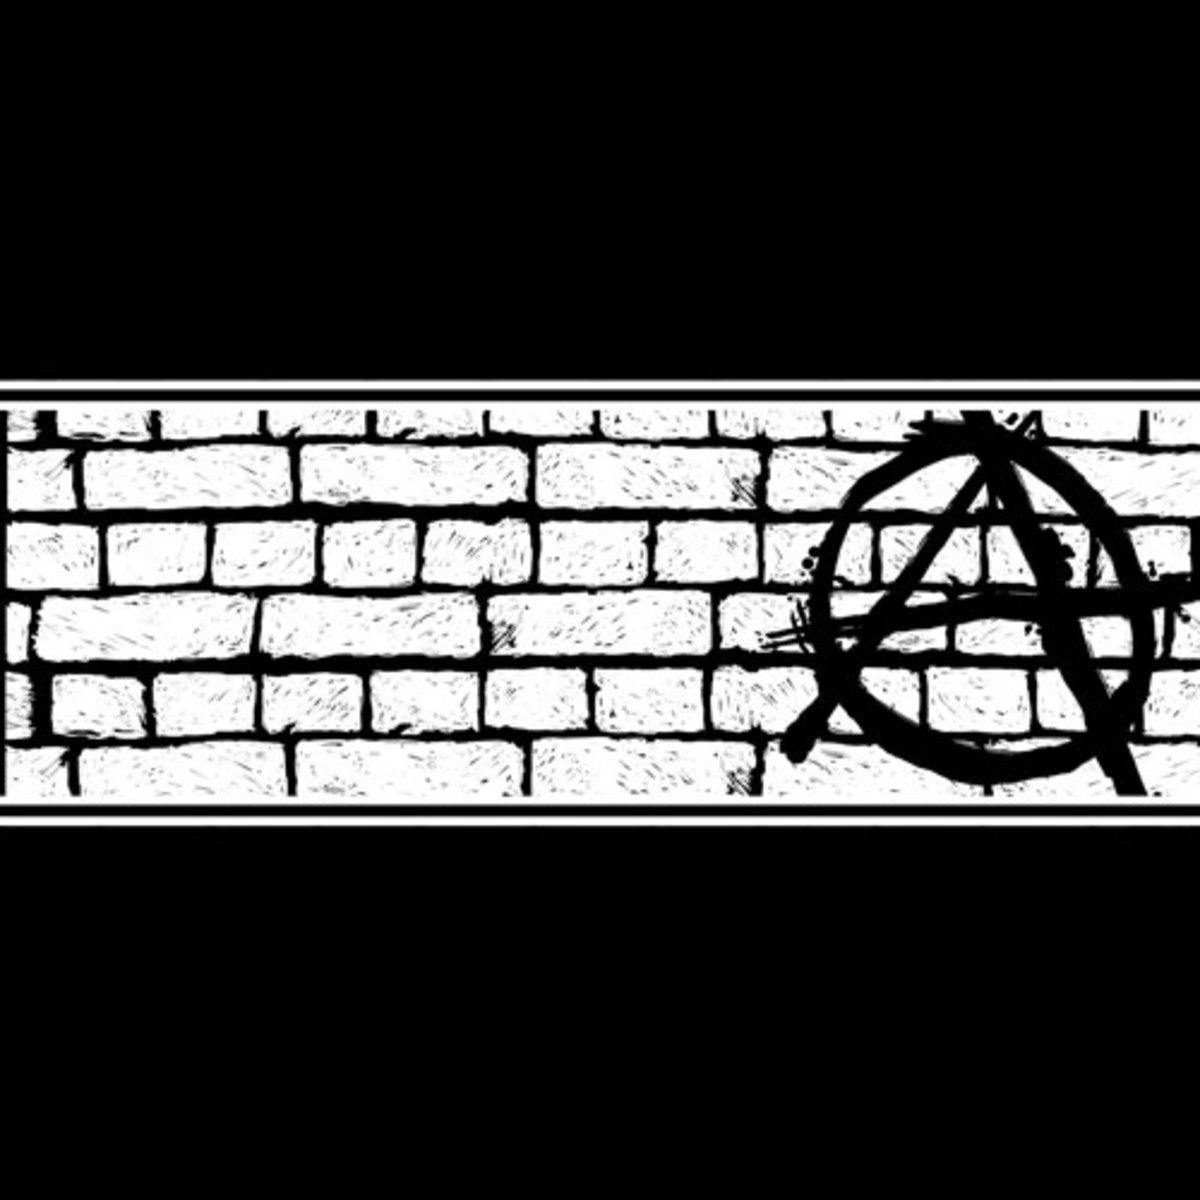 theantiheroes-riot.jpg